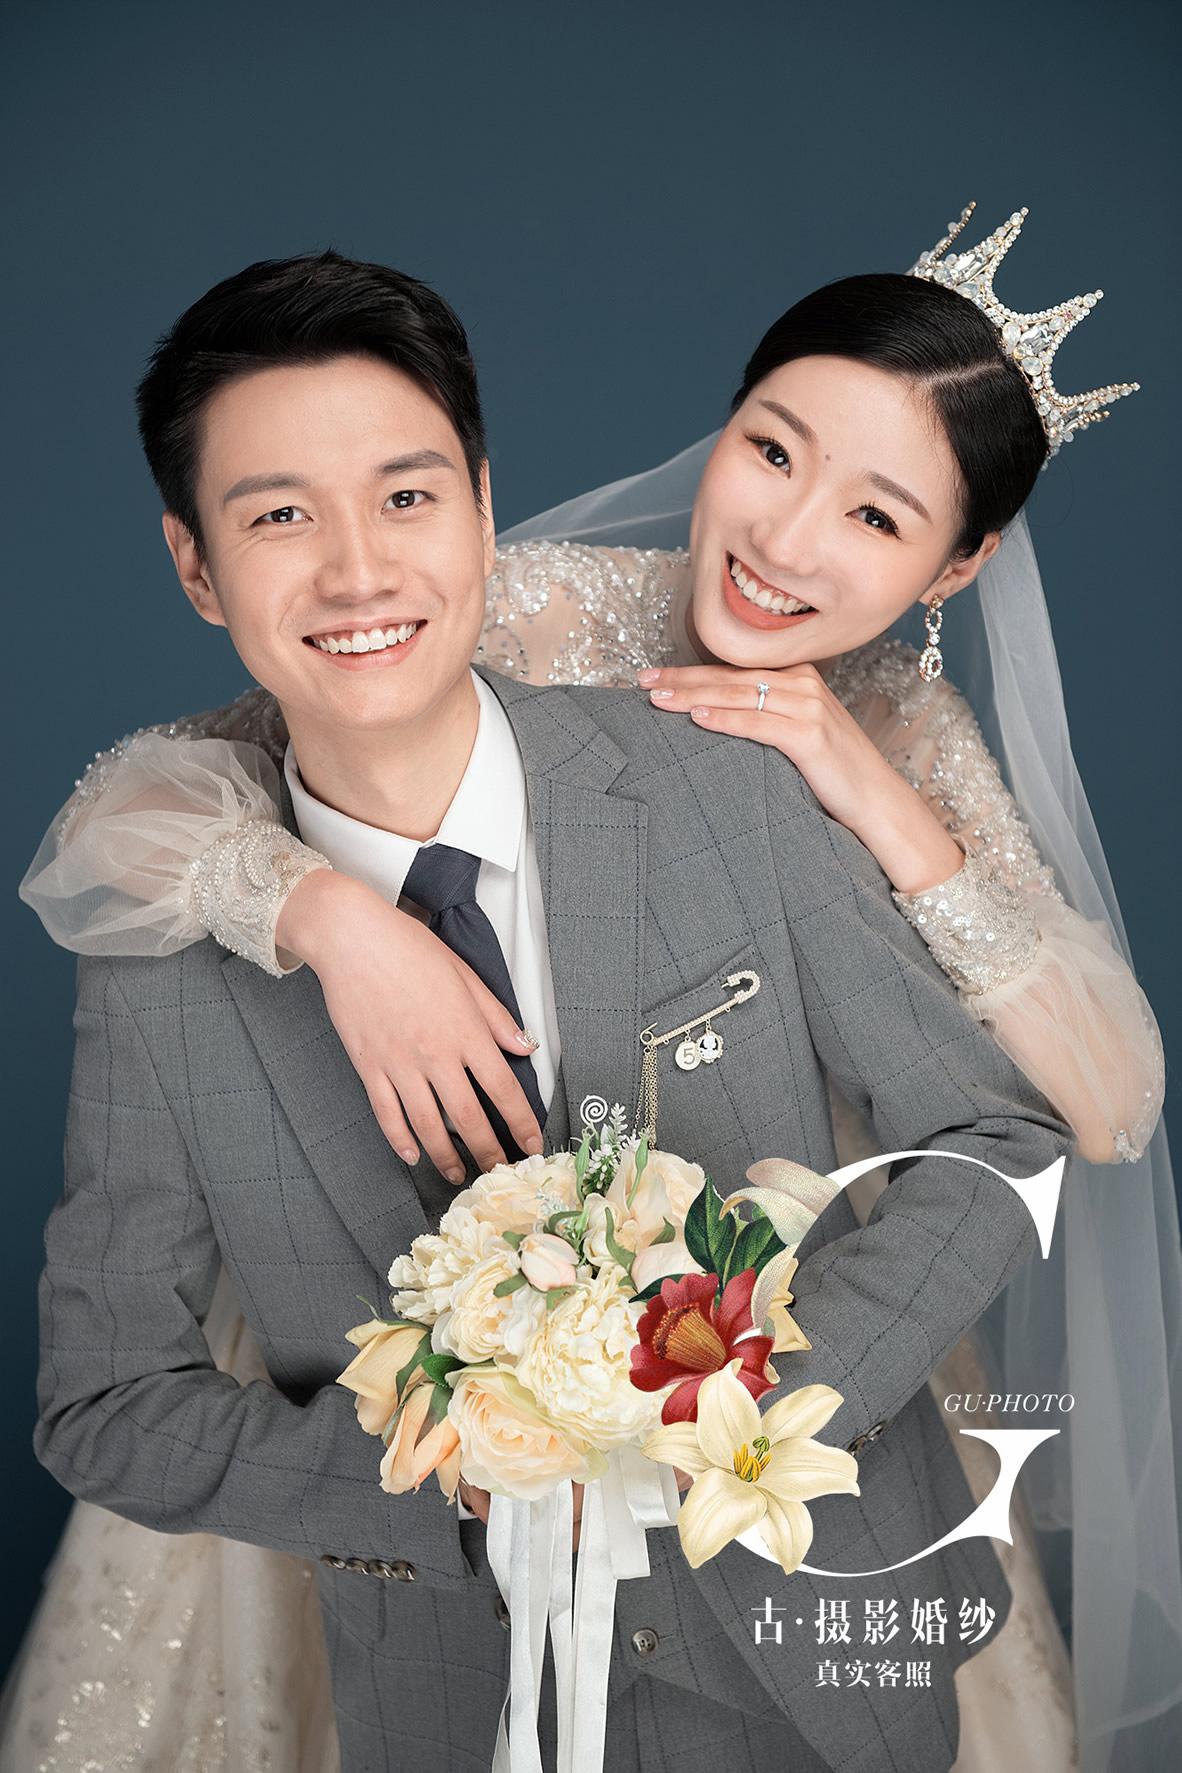 王先生 劉小姐 - 每日客照 - 古攝影婚紗藝術-古攝影成都婚紗攝影藝術攝影網